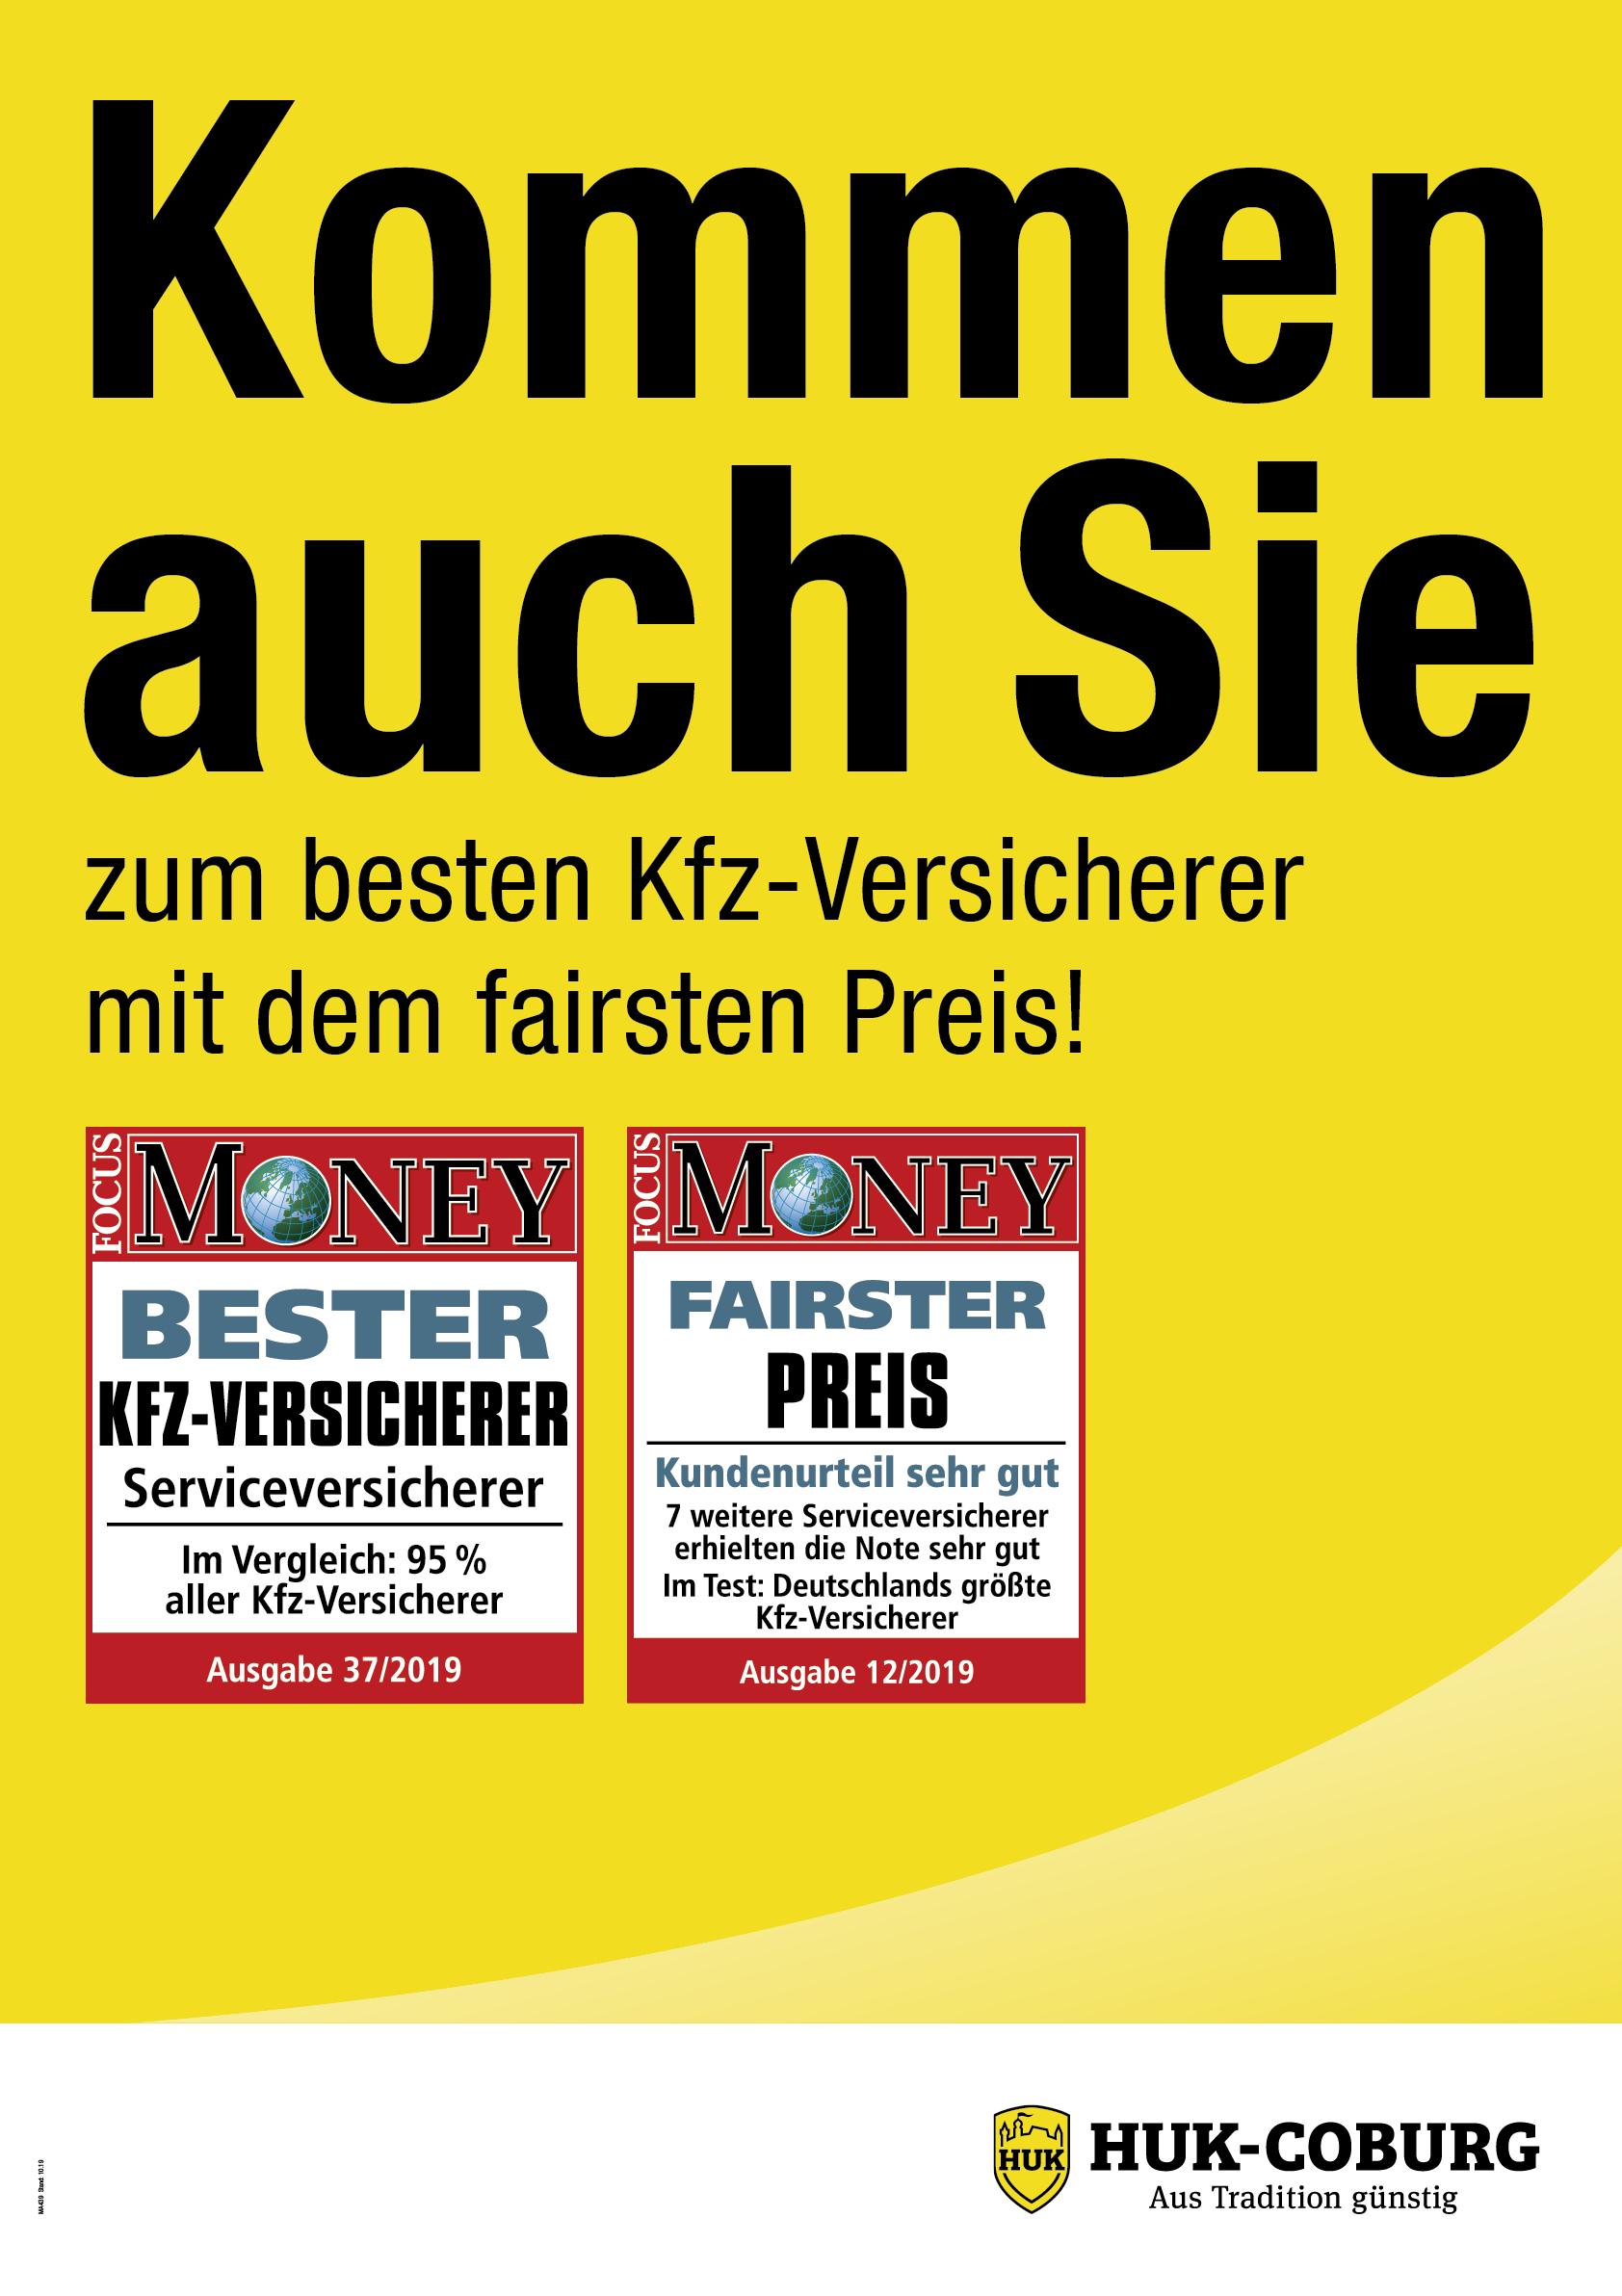 HUK-COBURG Versicherung Kornelia Bosse in Dillingen